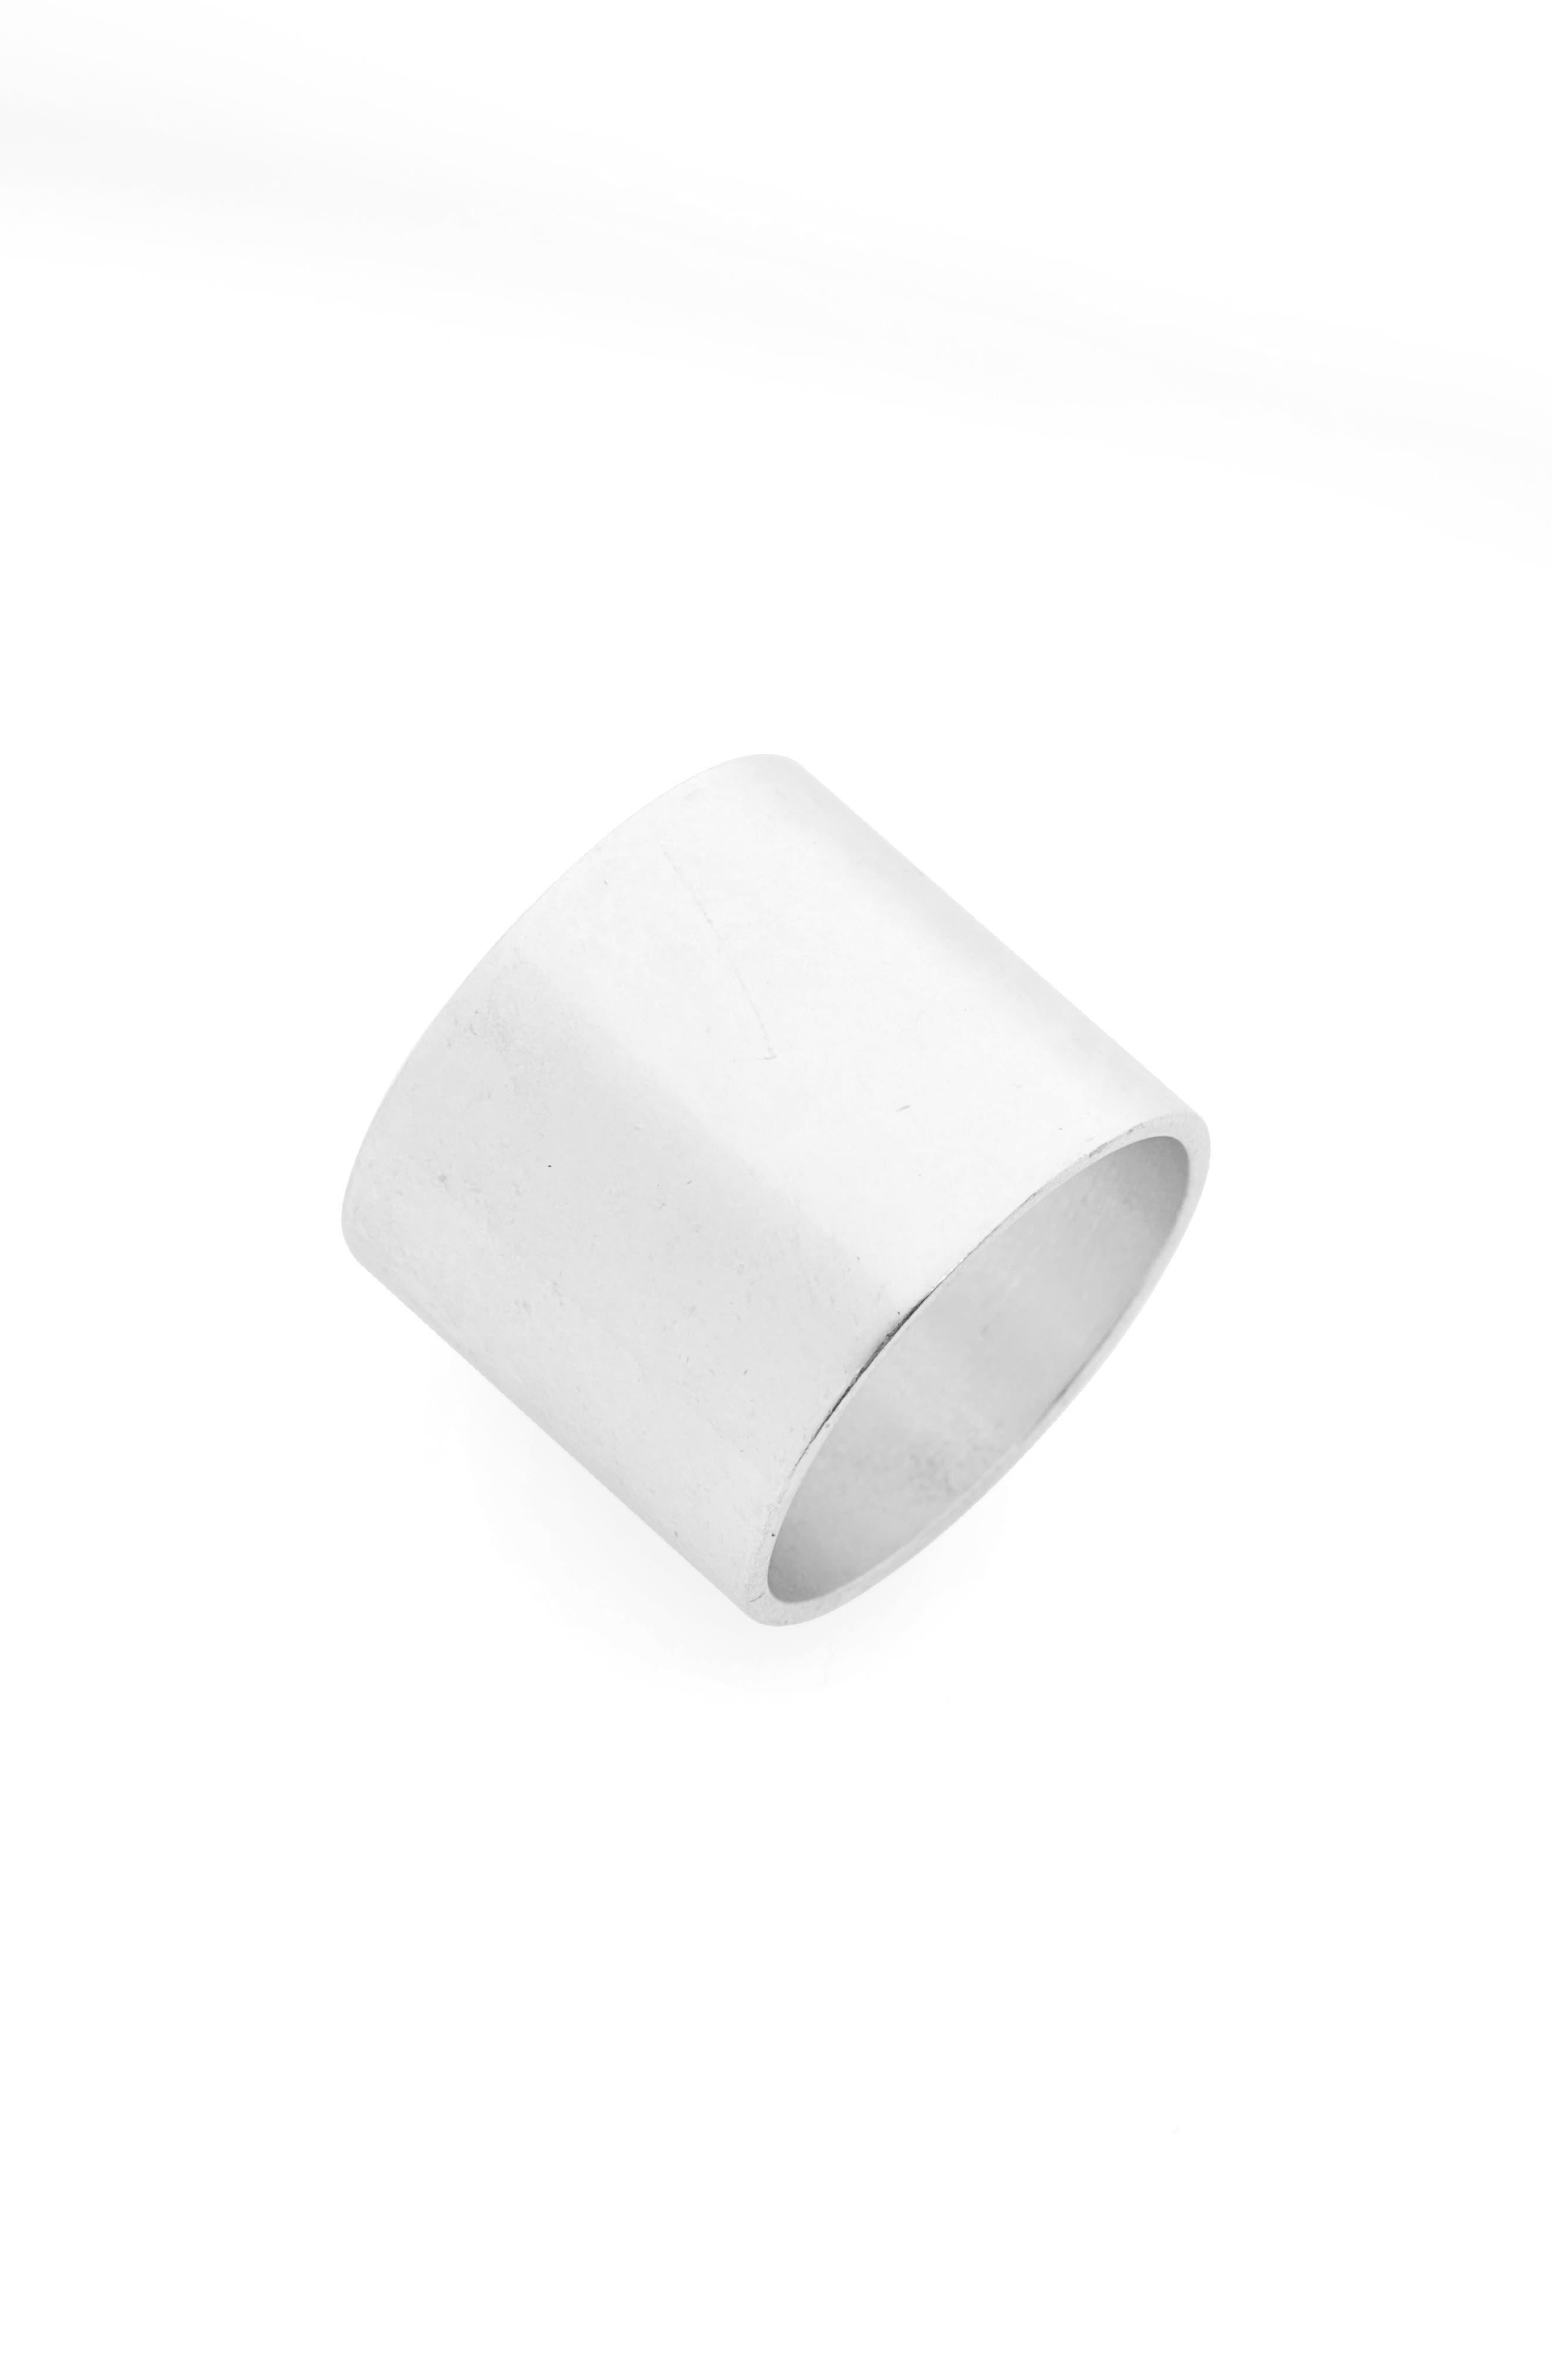 MADEWELL, Band Ring, Main thumbnail 1, color, 040